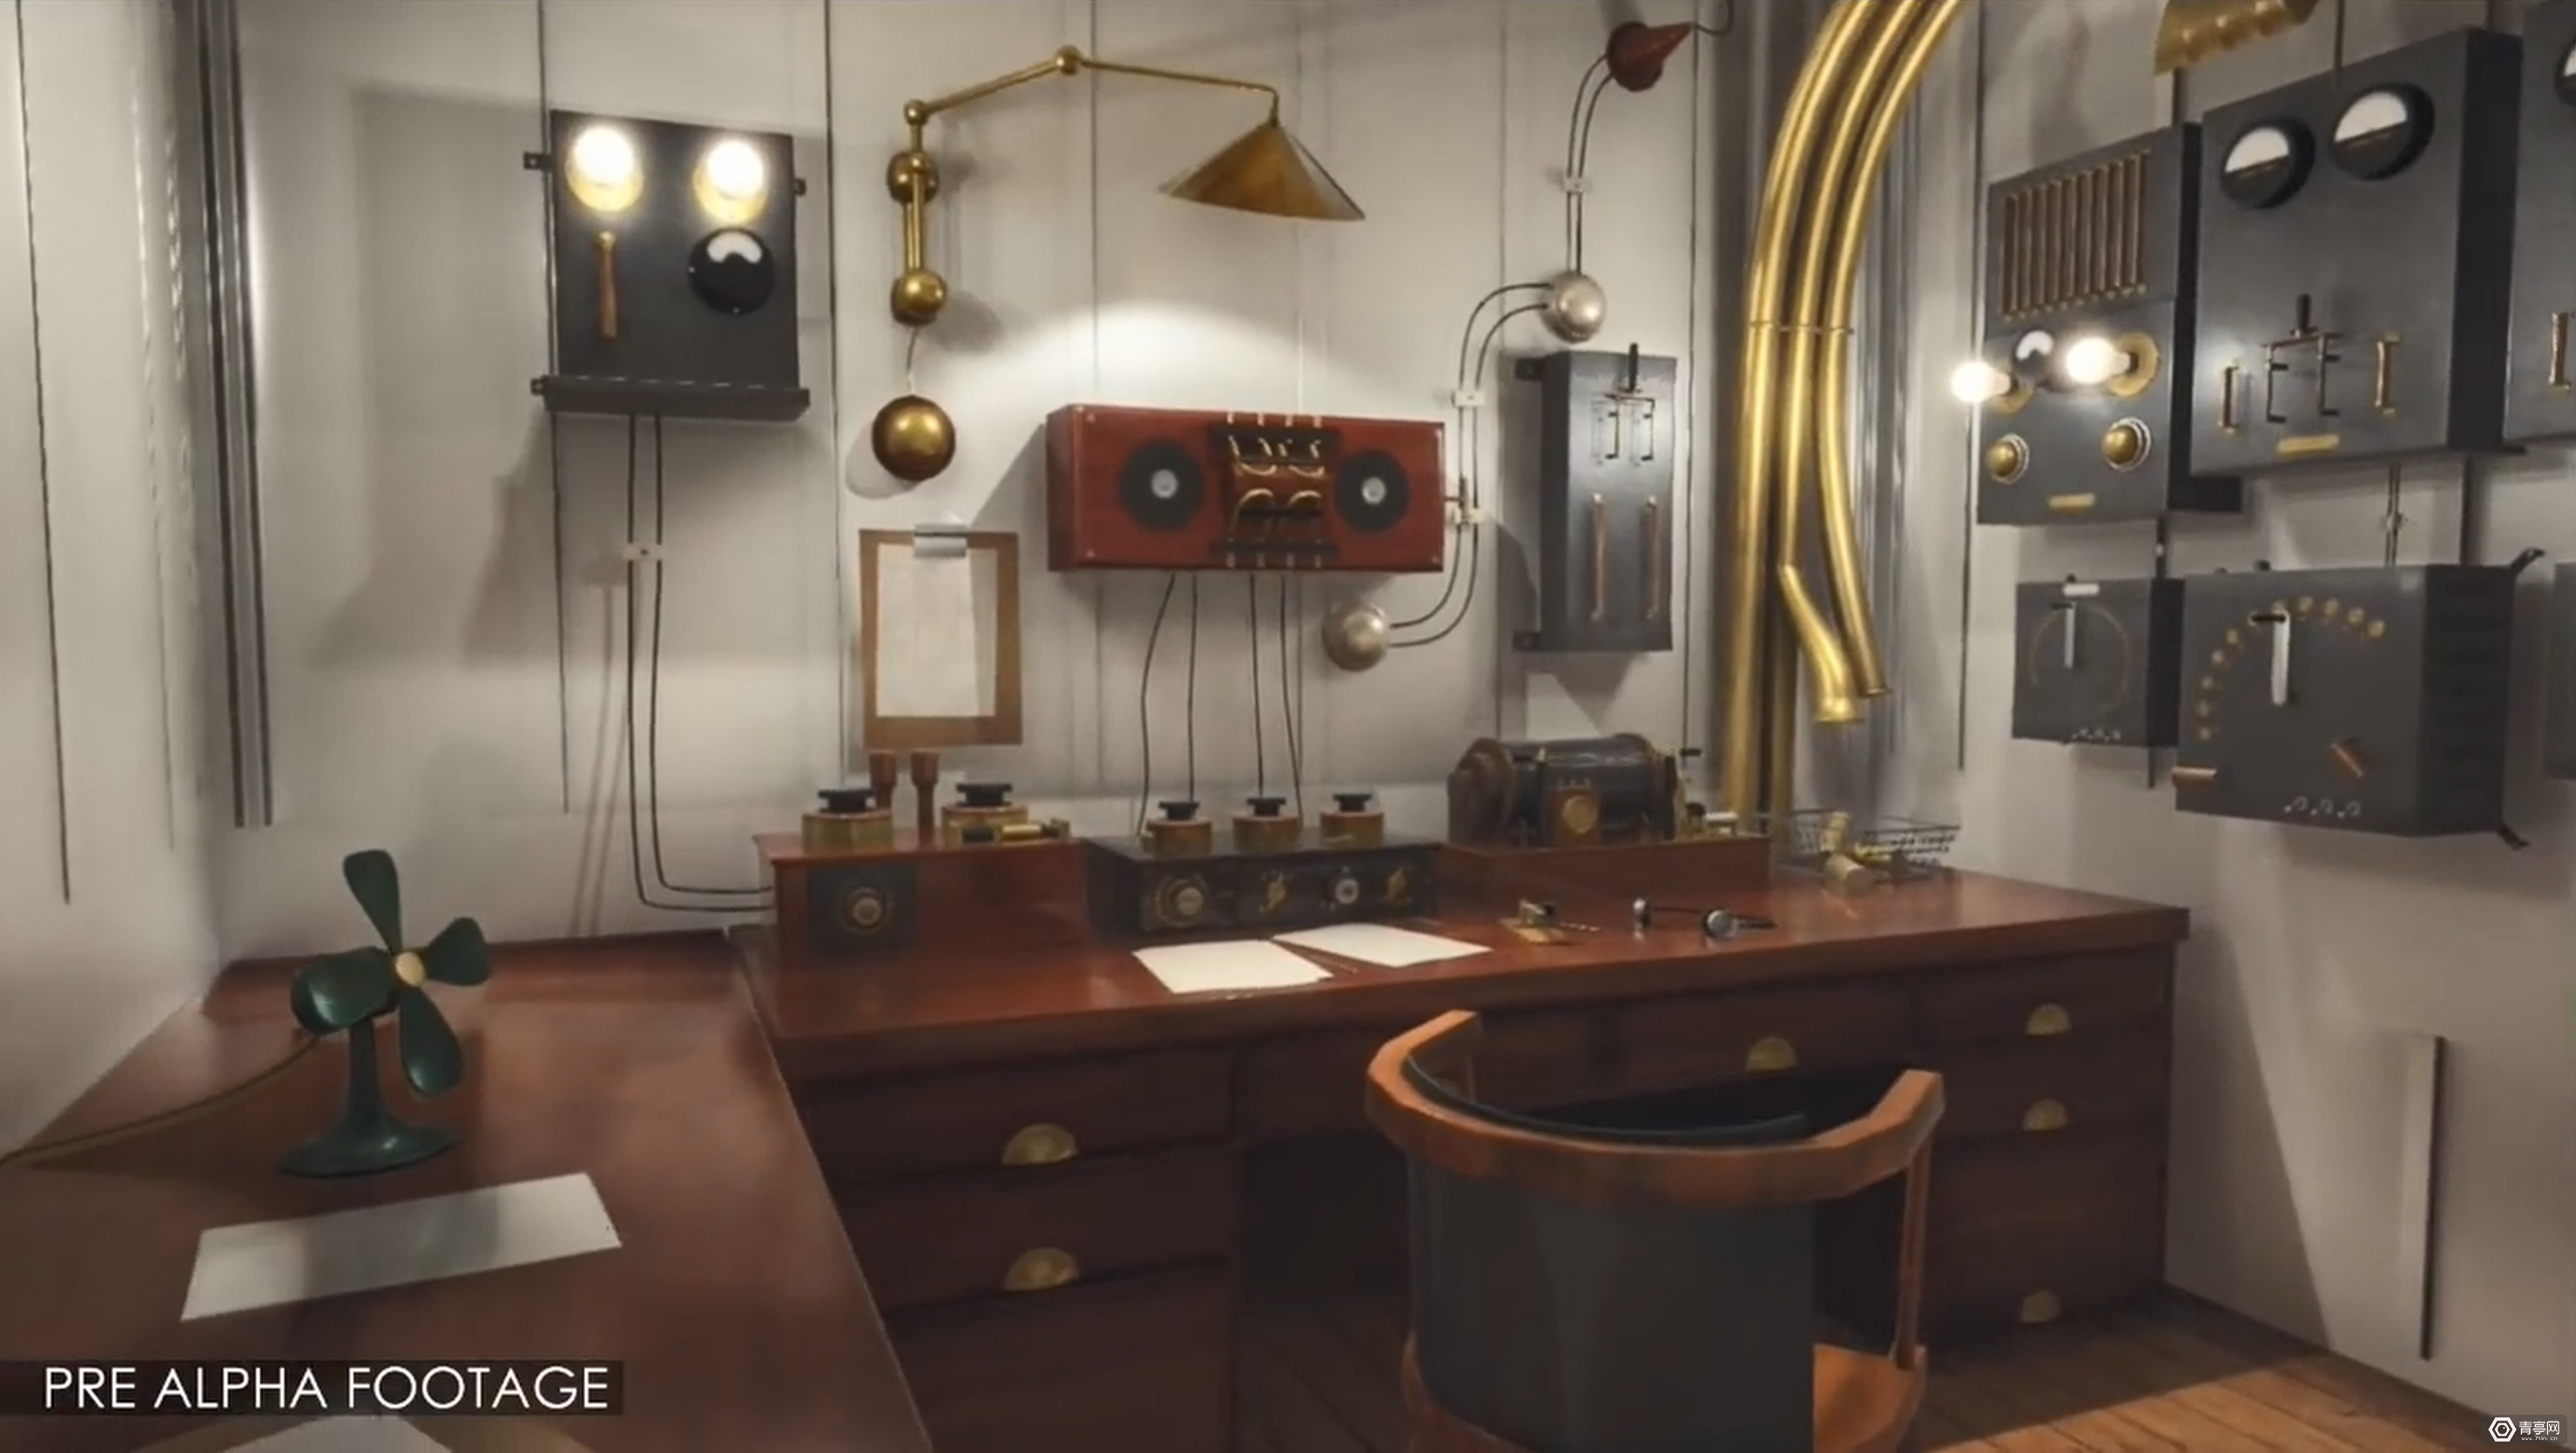 没时间解释了快上船!泰坦尼克VR完美还原沉船原貌